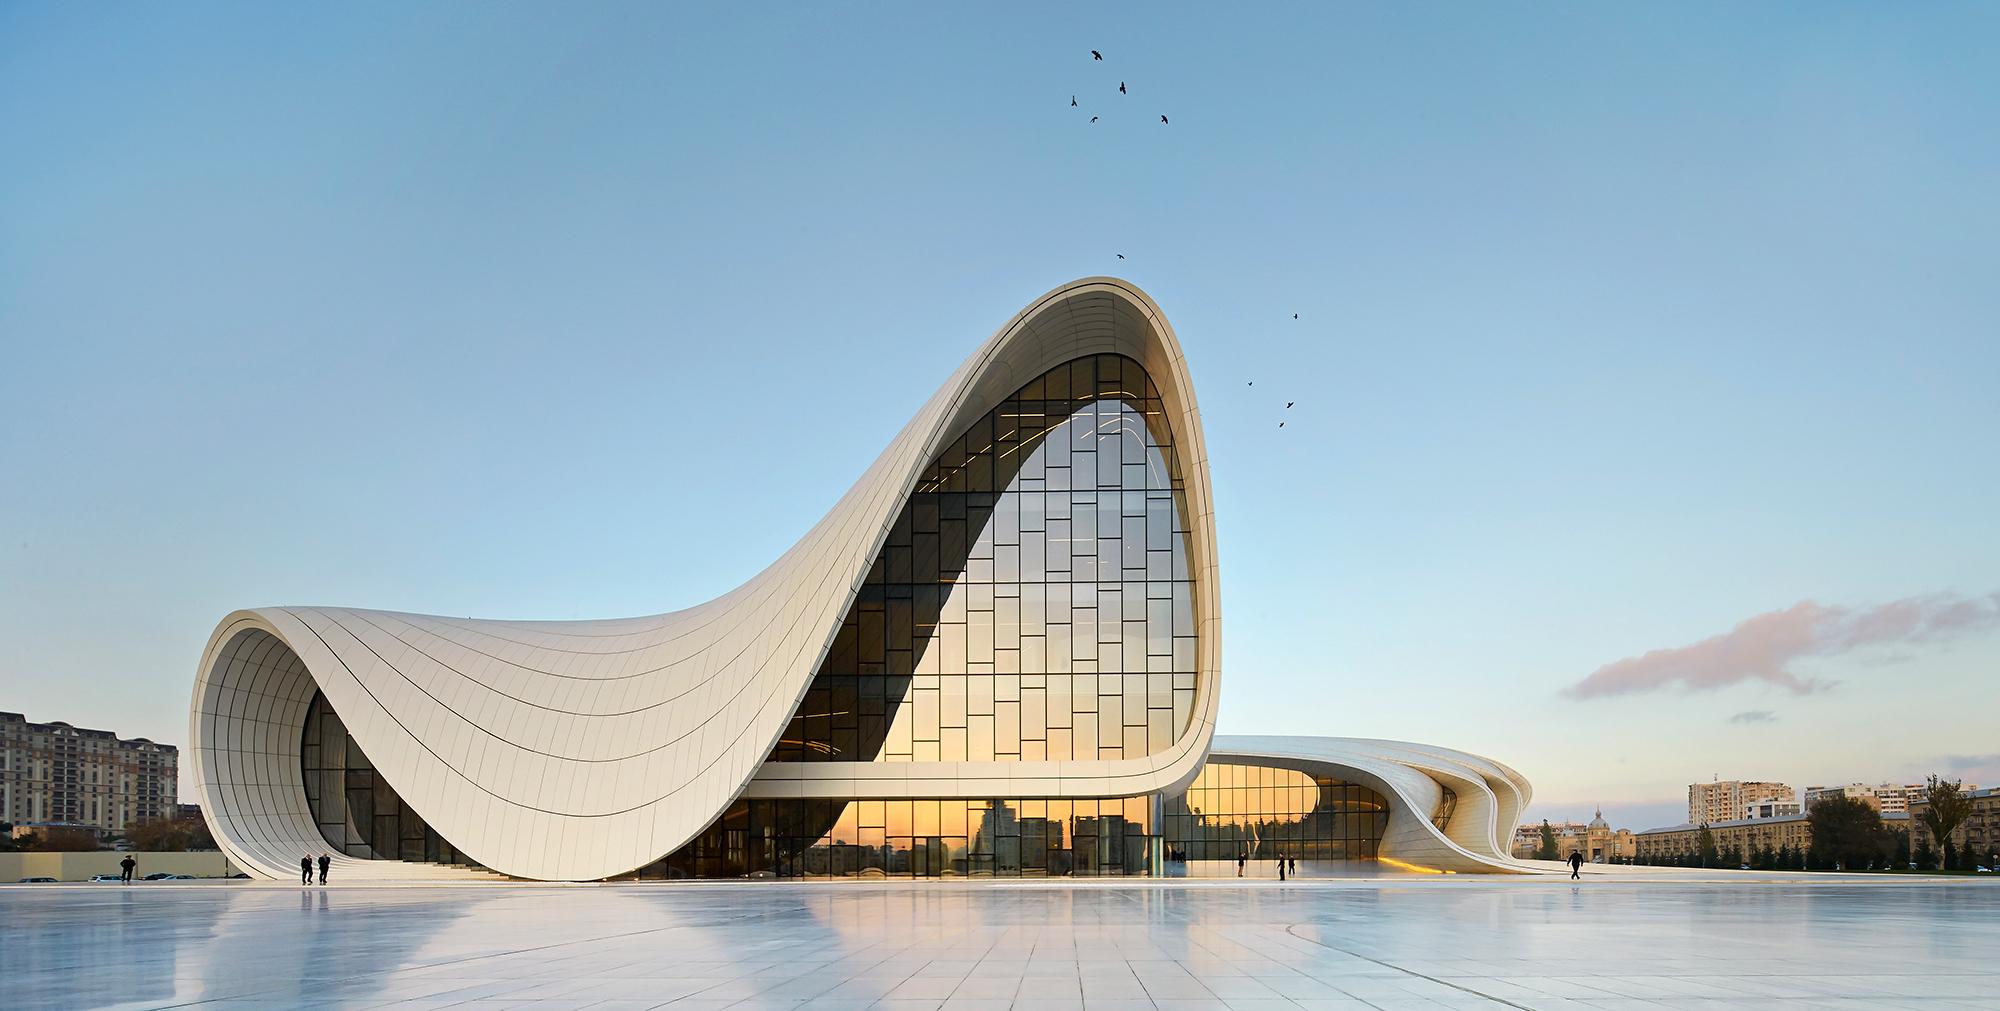 Heydar Aliyev Center in Baku, Azerbaijan.